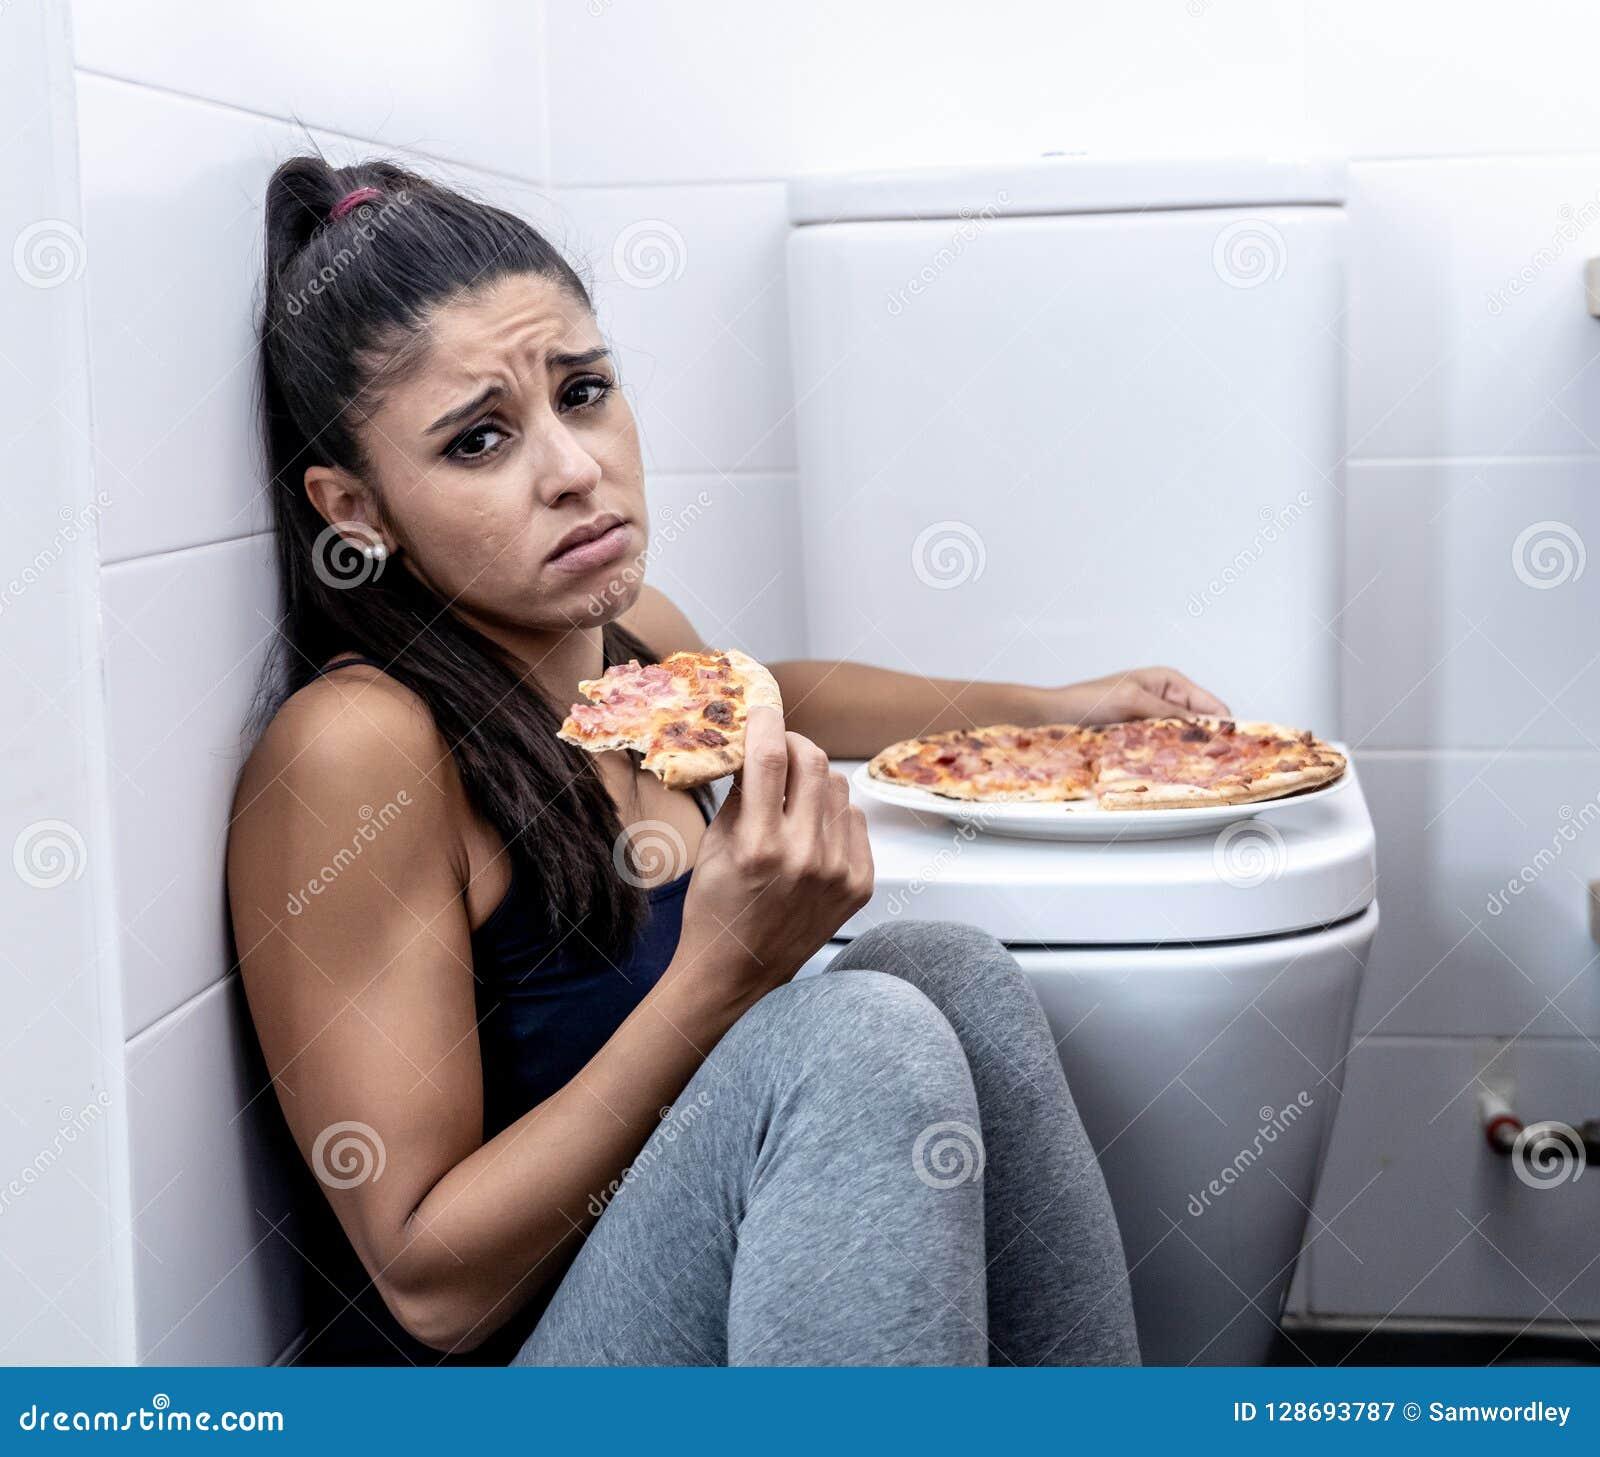 Giovane bella donna affetta da bulimia che si siede sul pavimento del bagno che mangia pizza che sembra colpevole